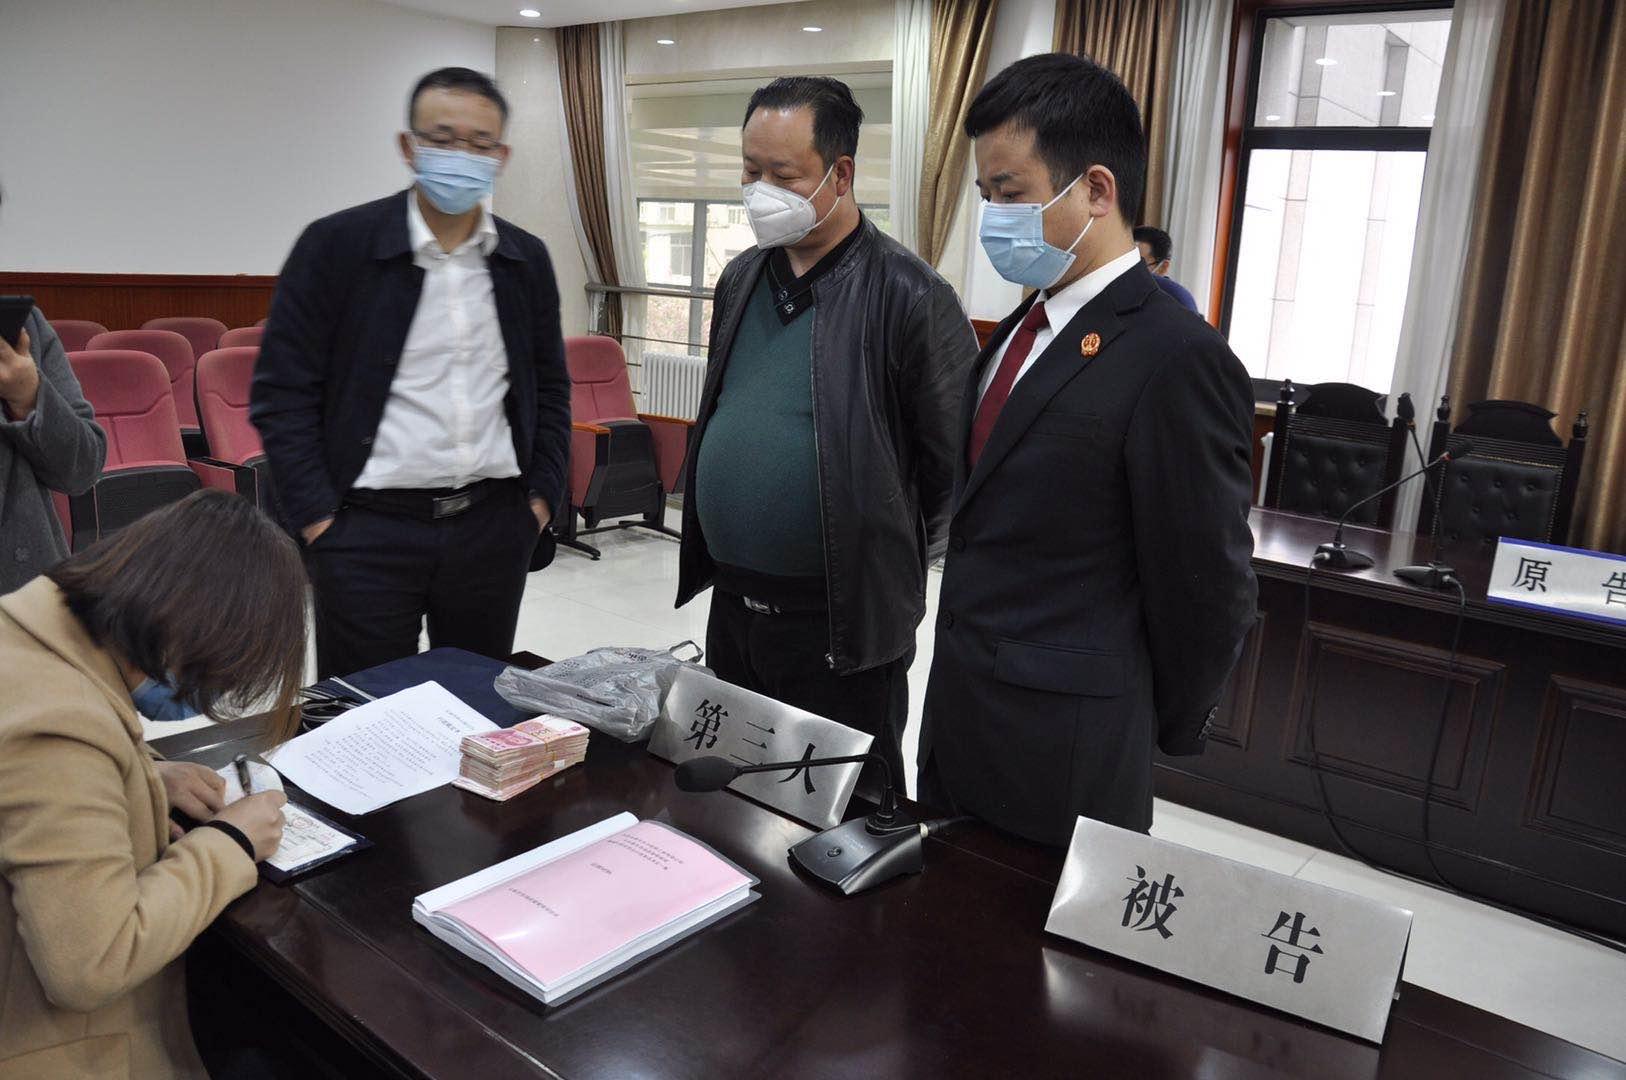 电梯公司电梯伤人被处罚 法院调解促复产